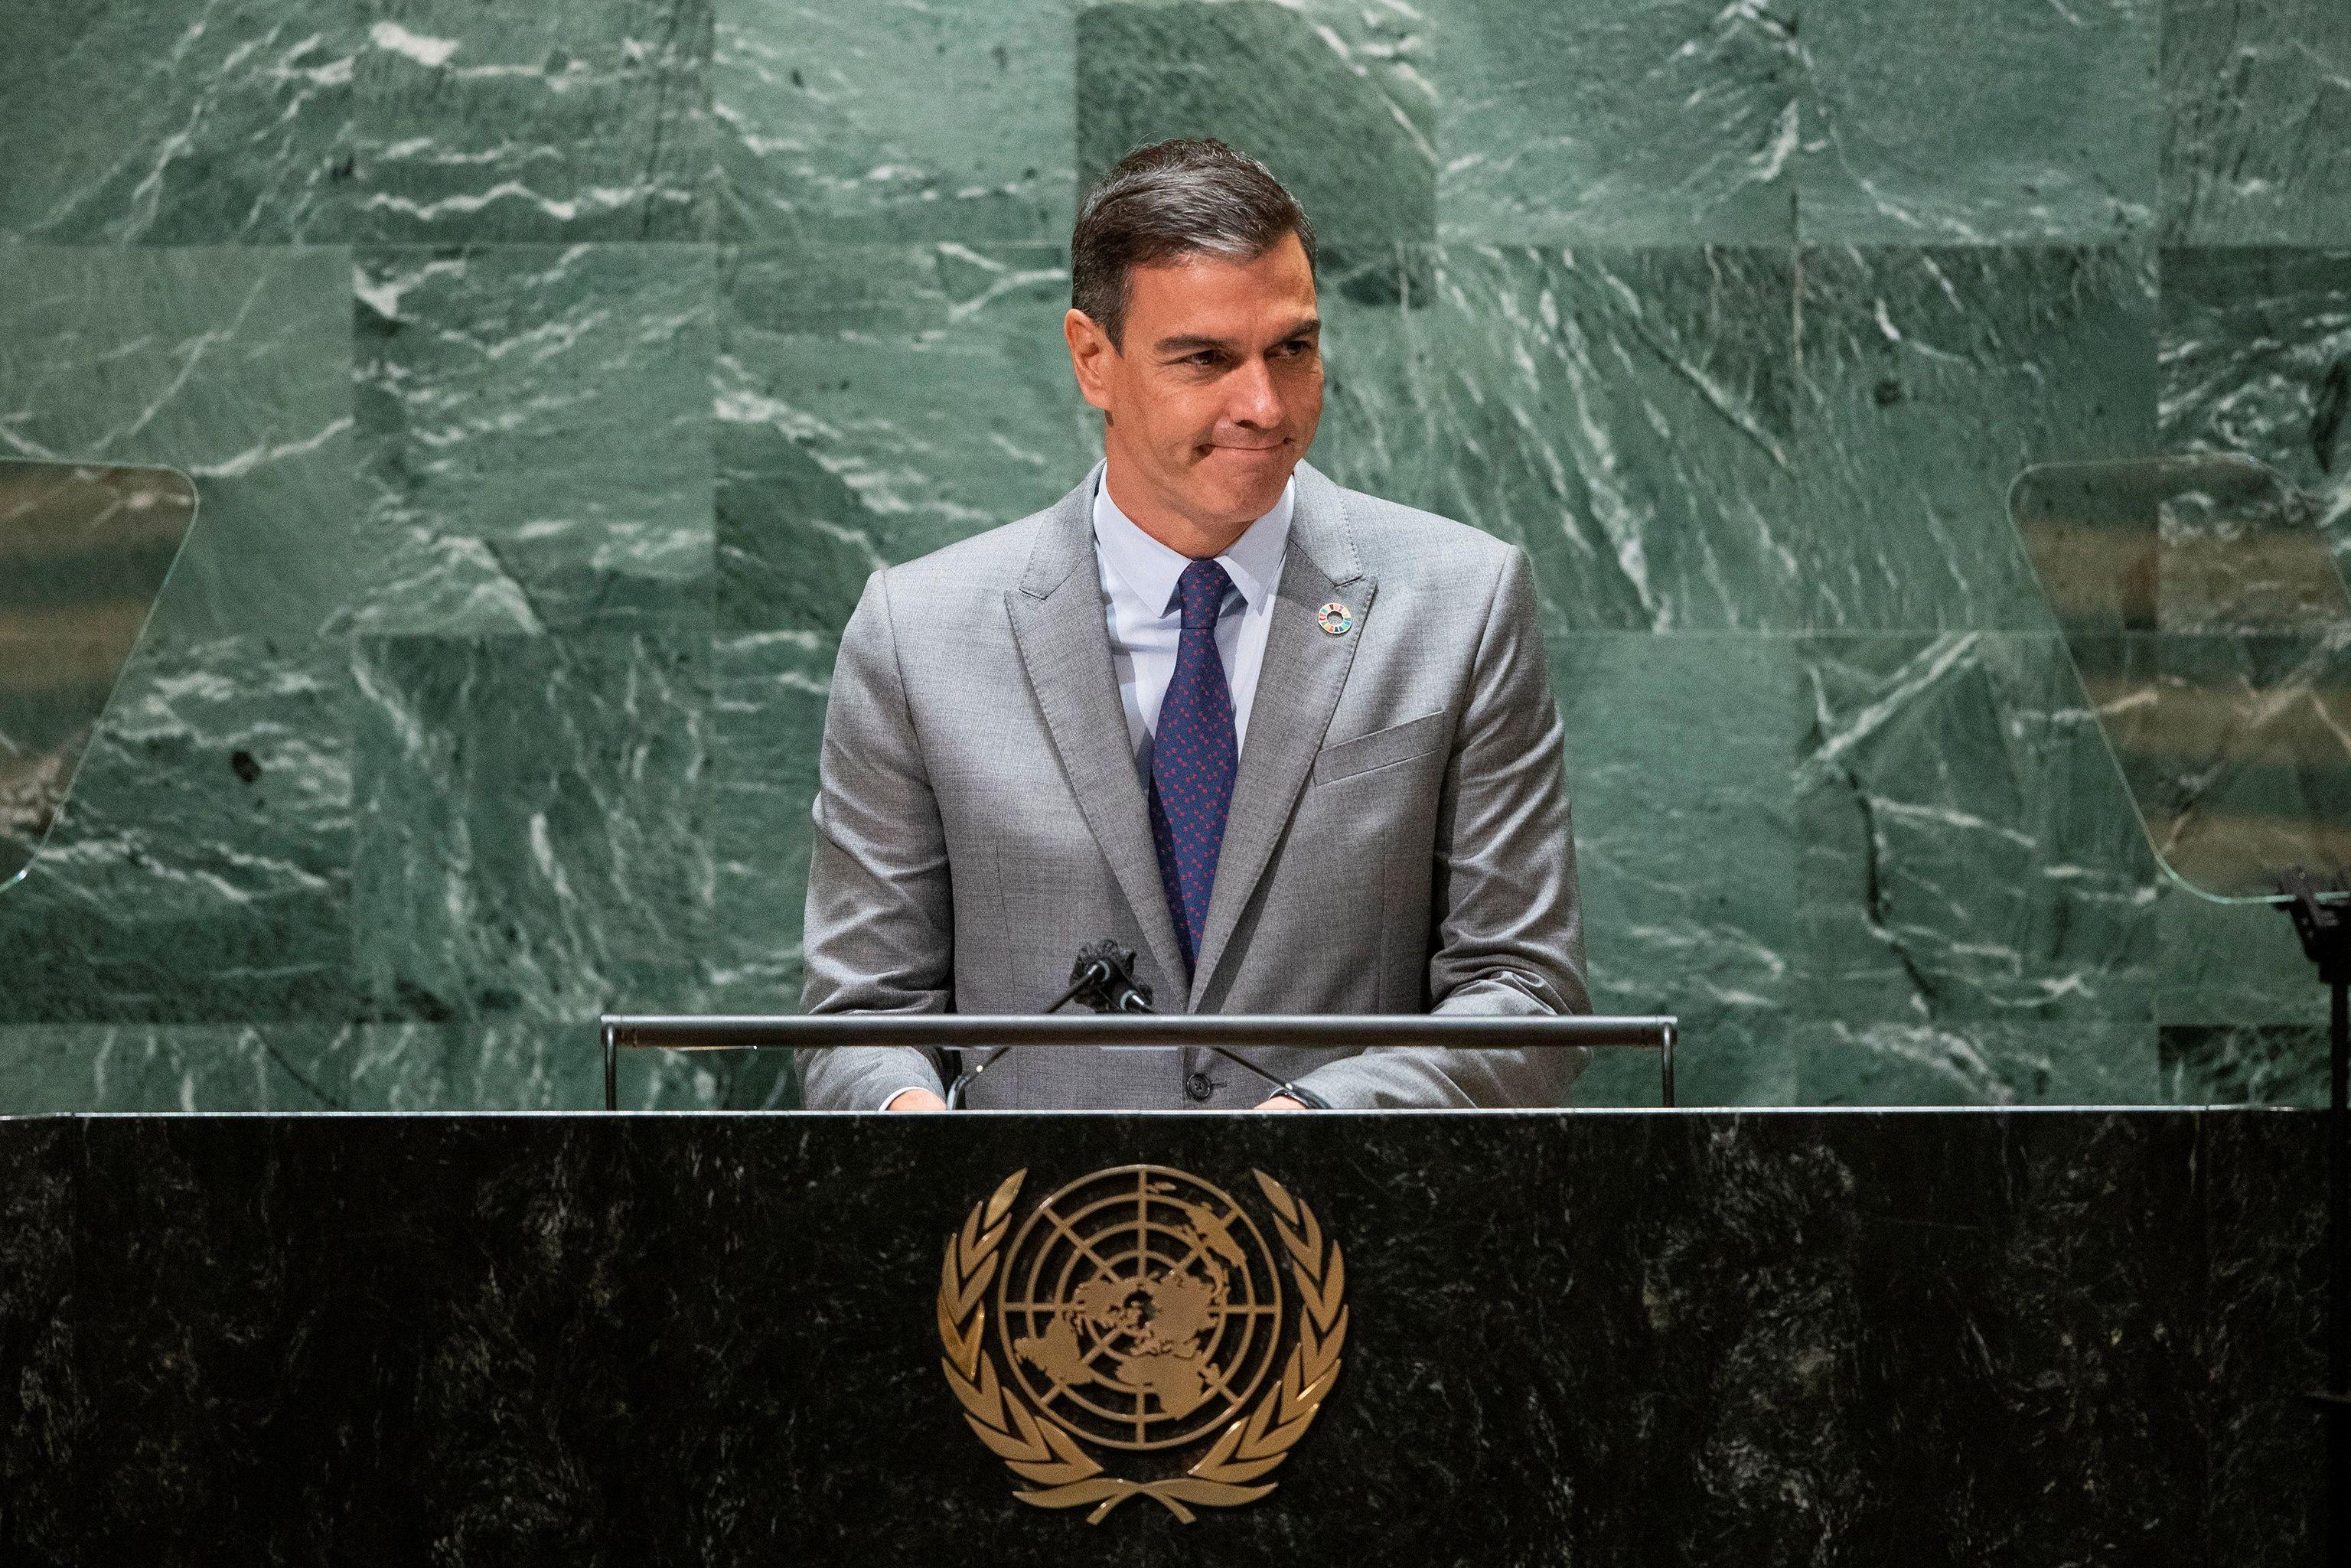 Pedro Sánchez durante su discurso en la Asamblea de Naciones Unidas en Nueva York.